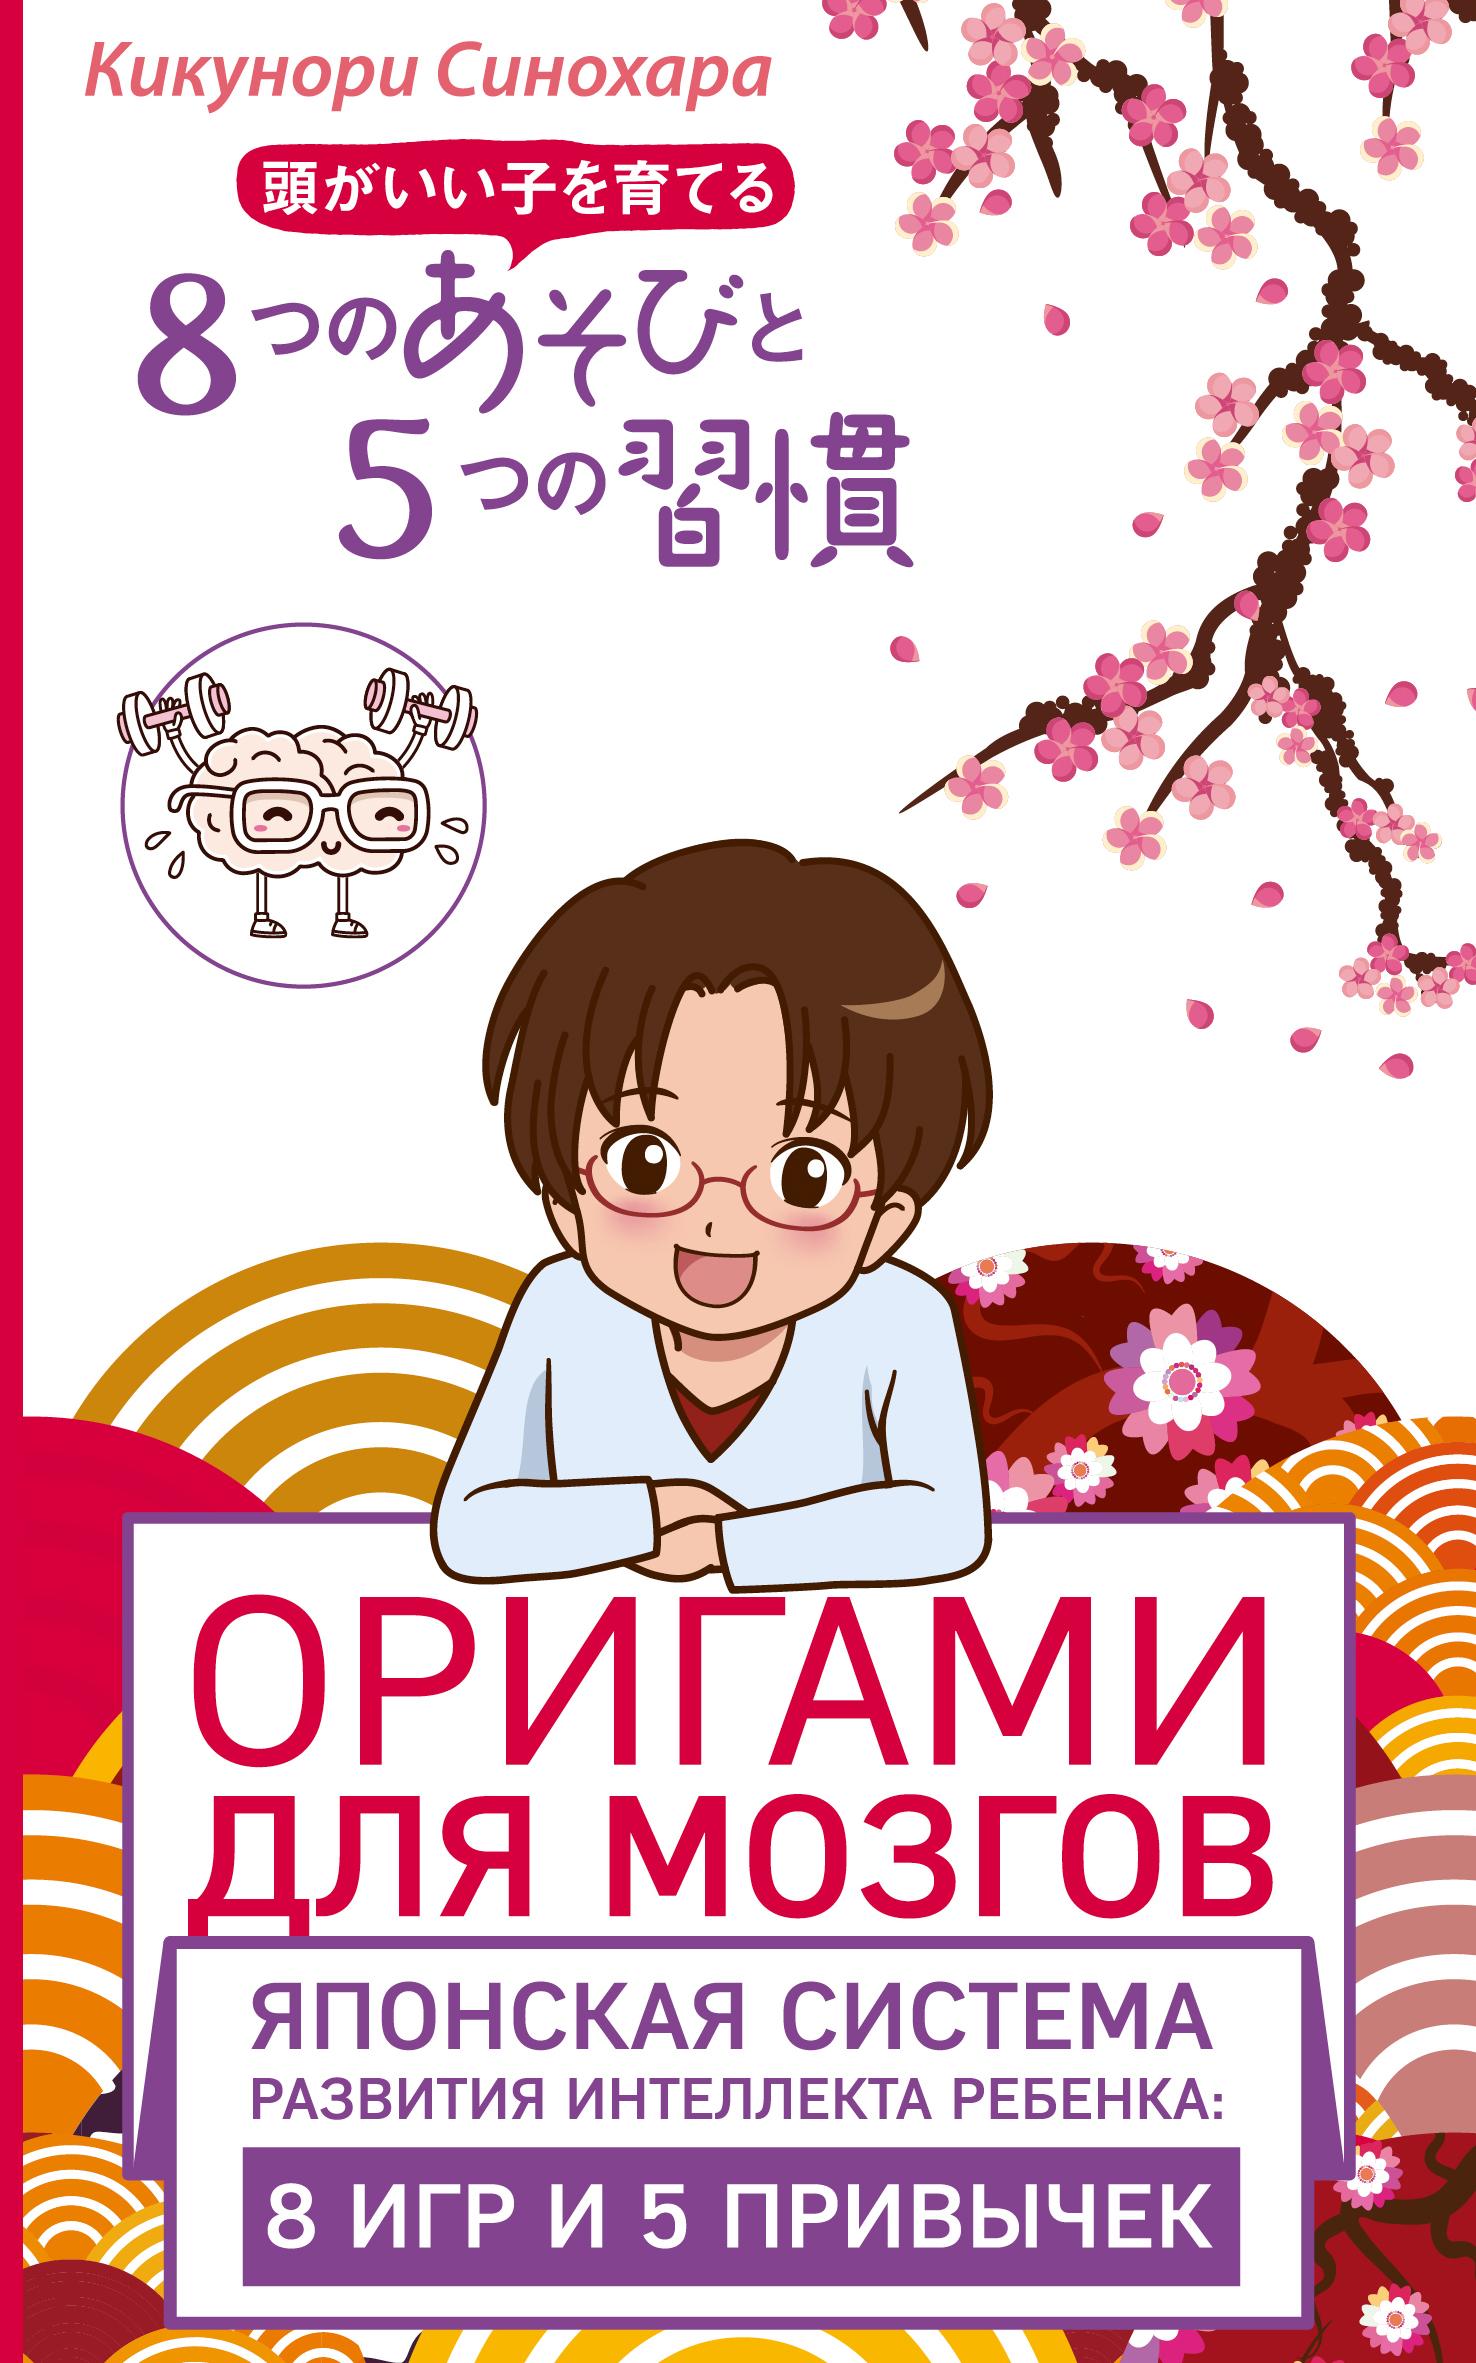 Оригами для мозгов. Японская система развития интеллекта ребенка. 8 игр и 5 привычек. Кикунори Синохара